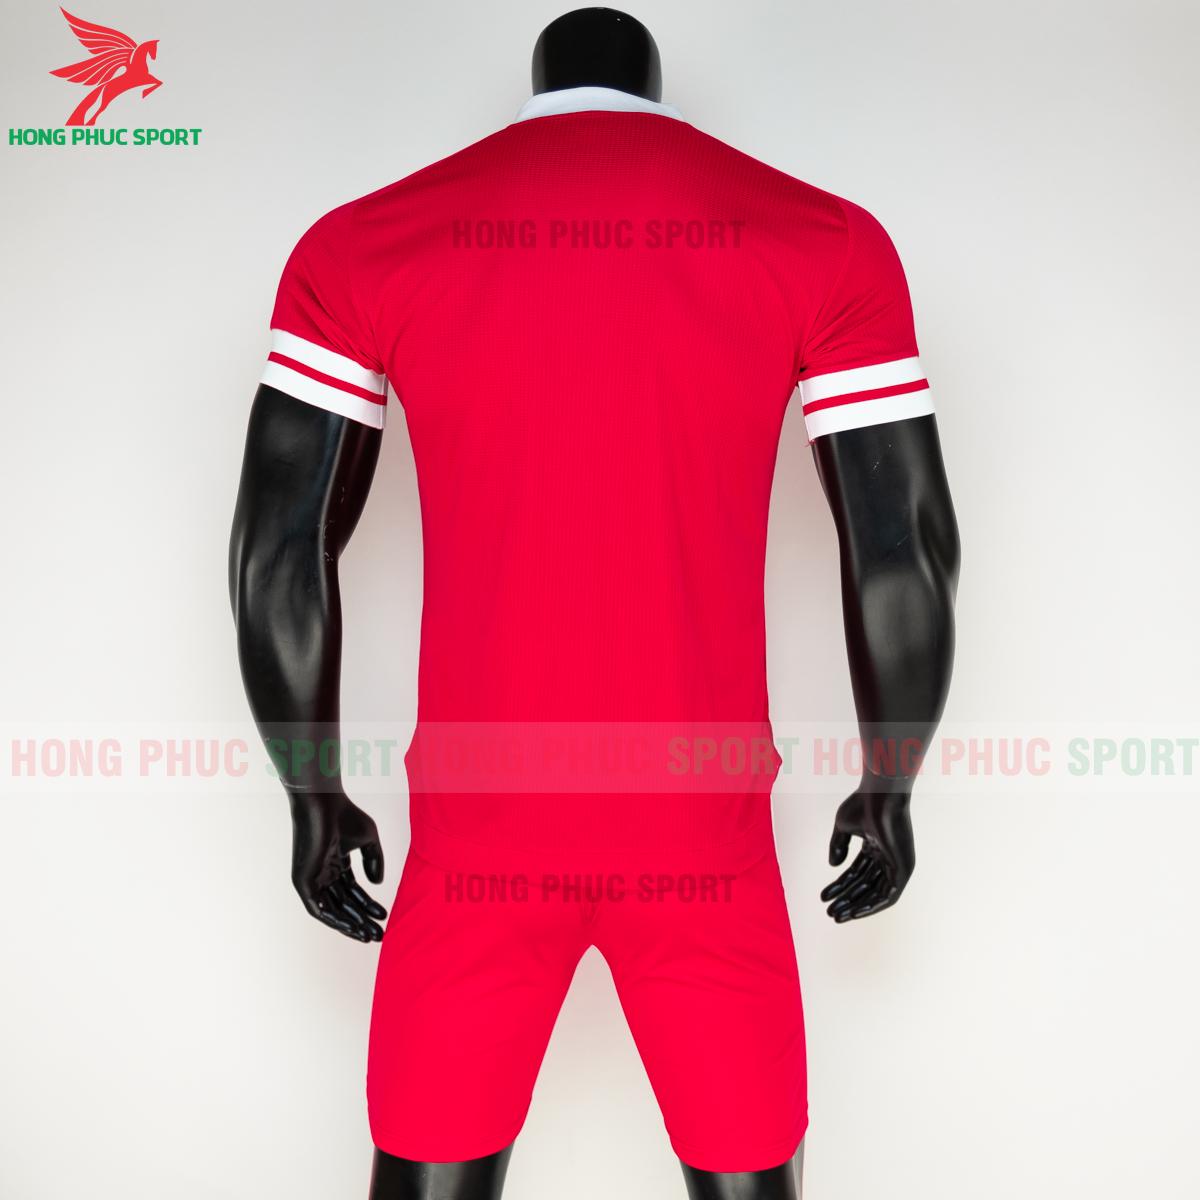 Áo đá banh không logo Condivo ba lá Adidas 2020 2021 mẫu 4 (sau)